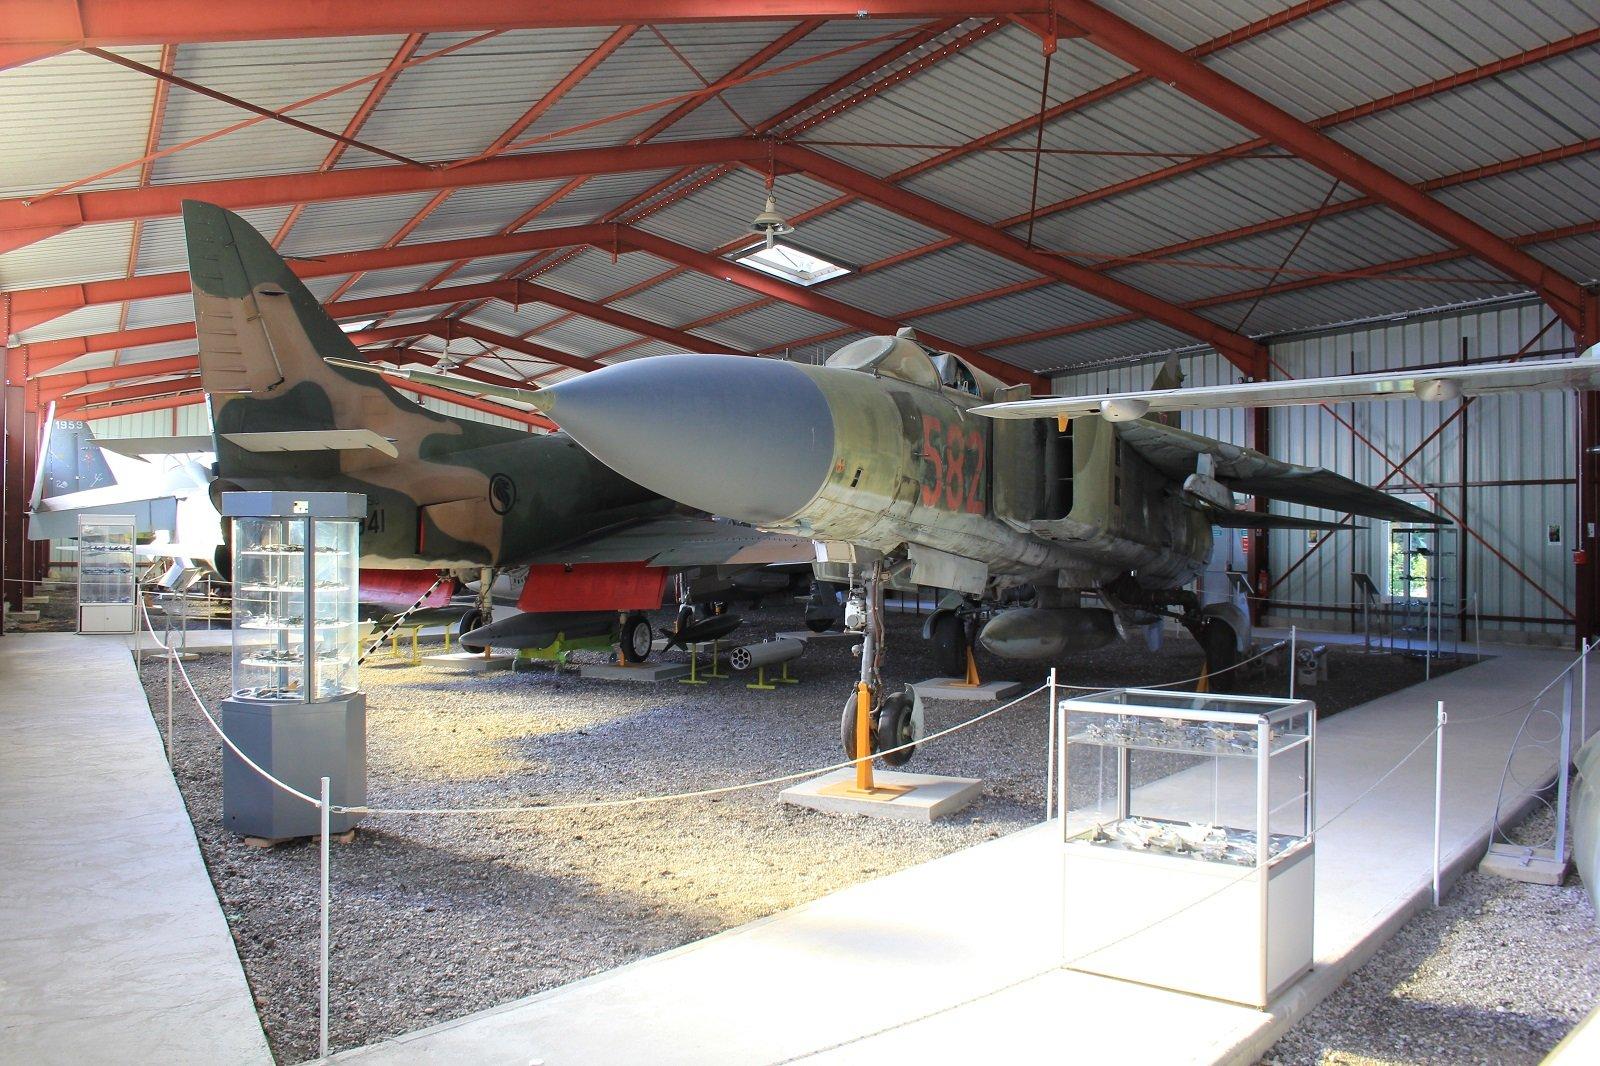 musée de l'aviation de chasse de Montelimar  - Page 2 191030070545941824